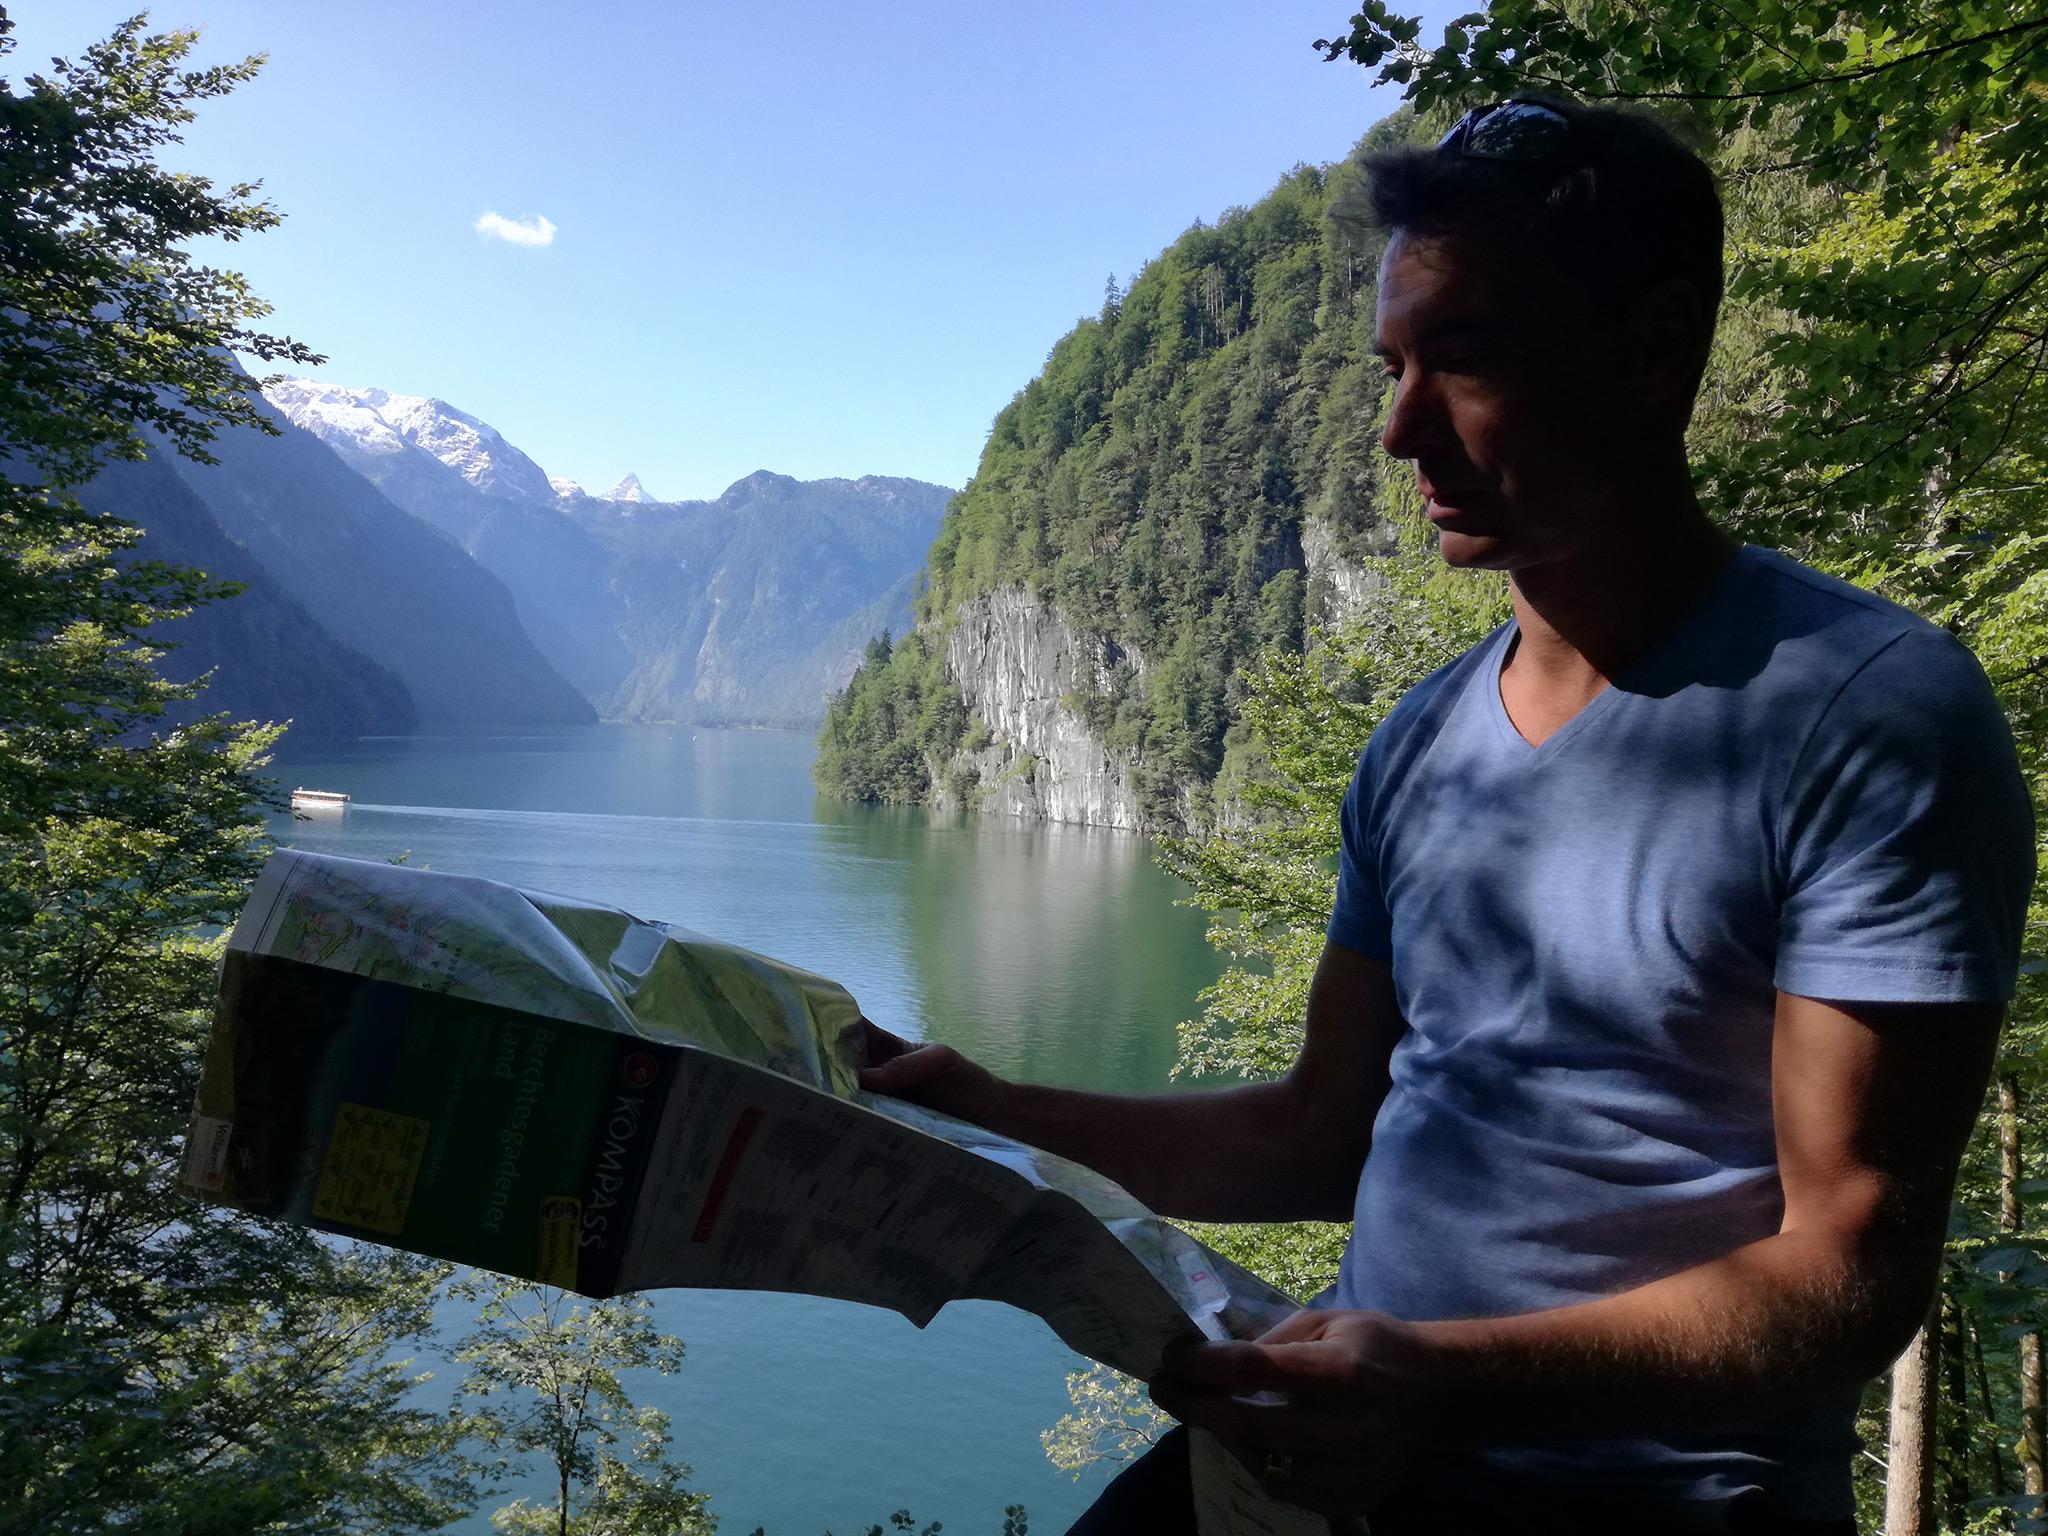 Der Königssee ist der Ausgangspunkt der Tour © Guthknecht